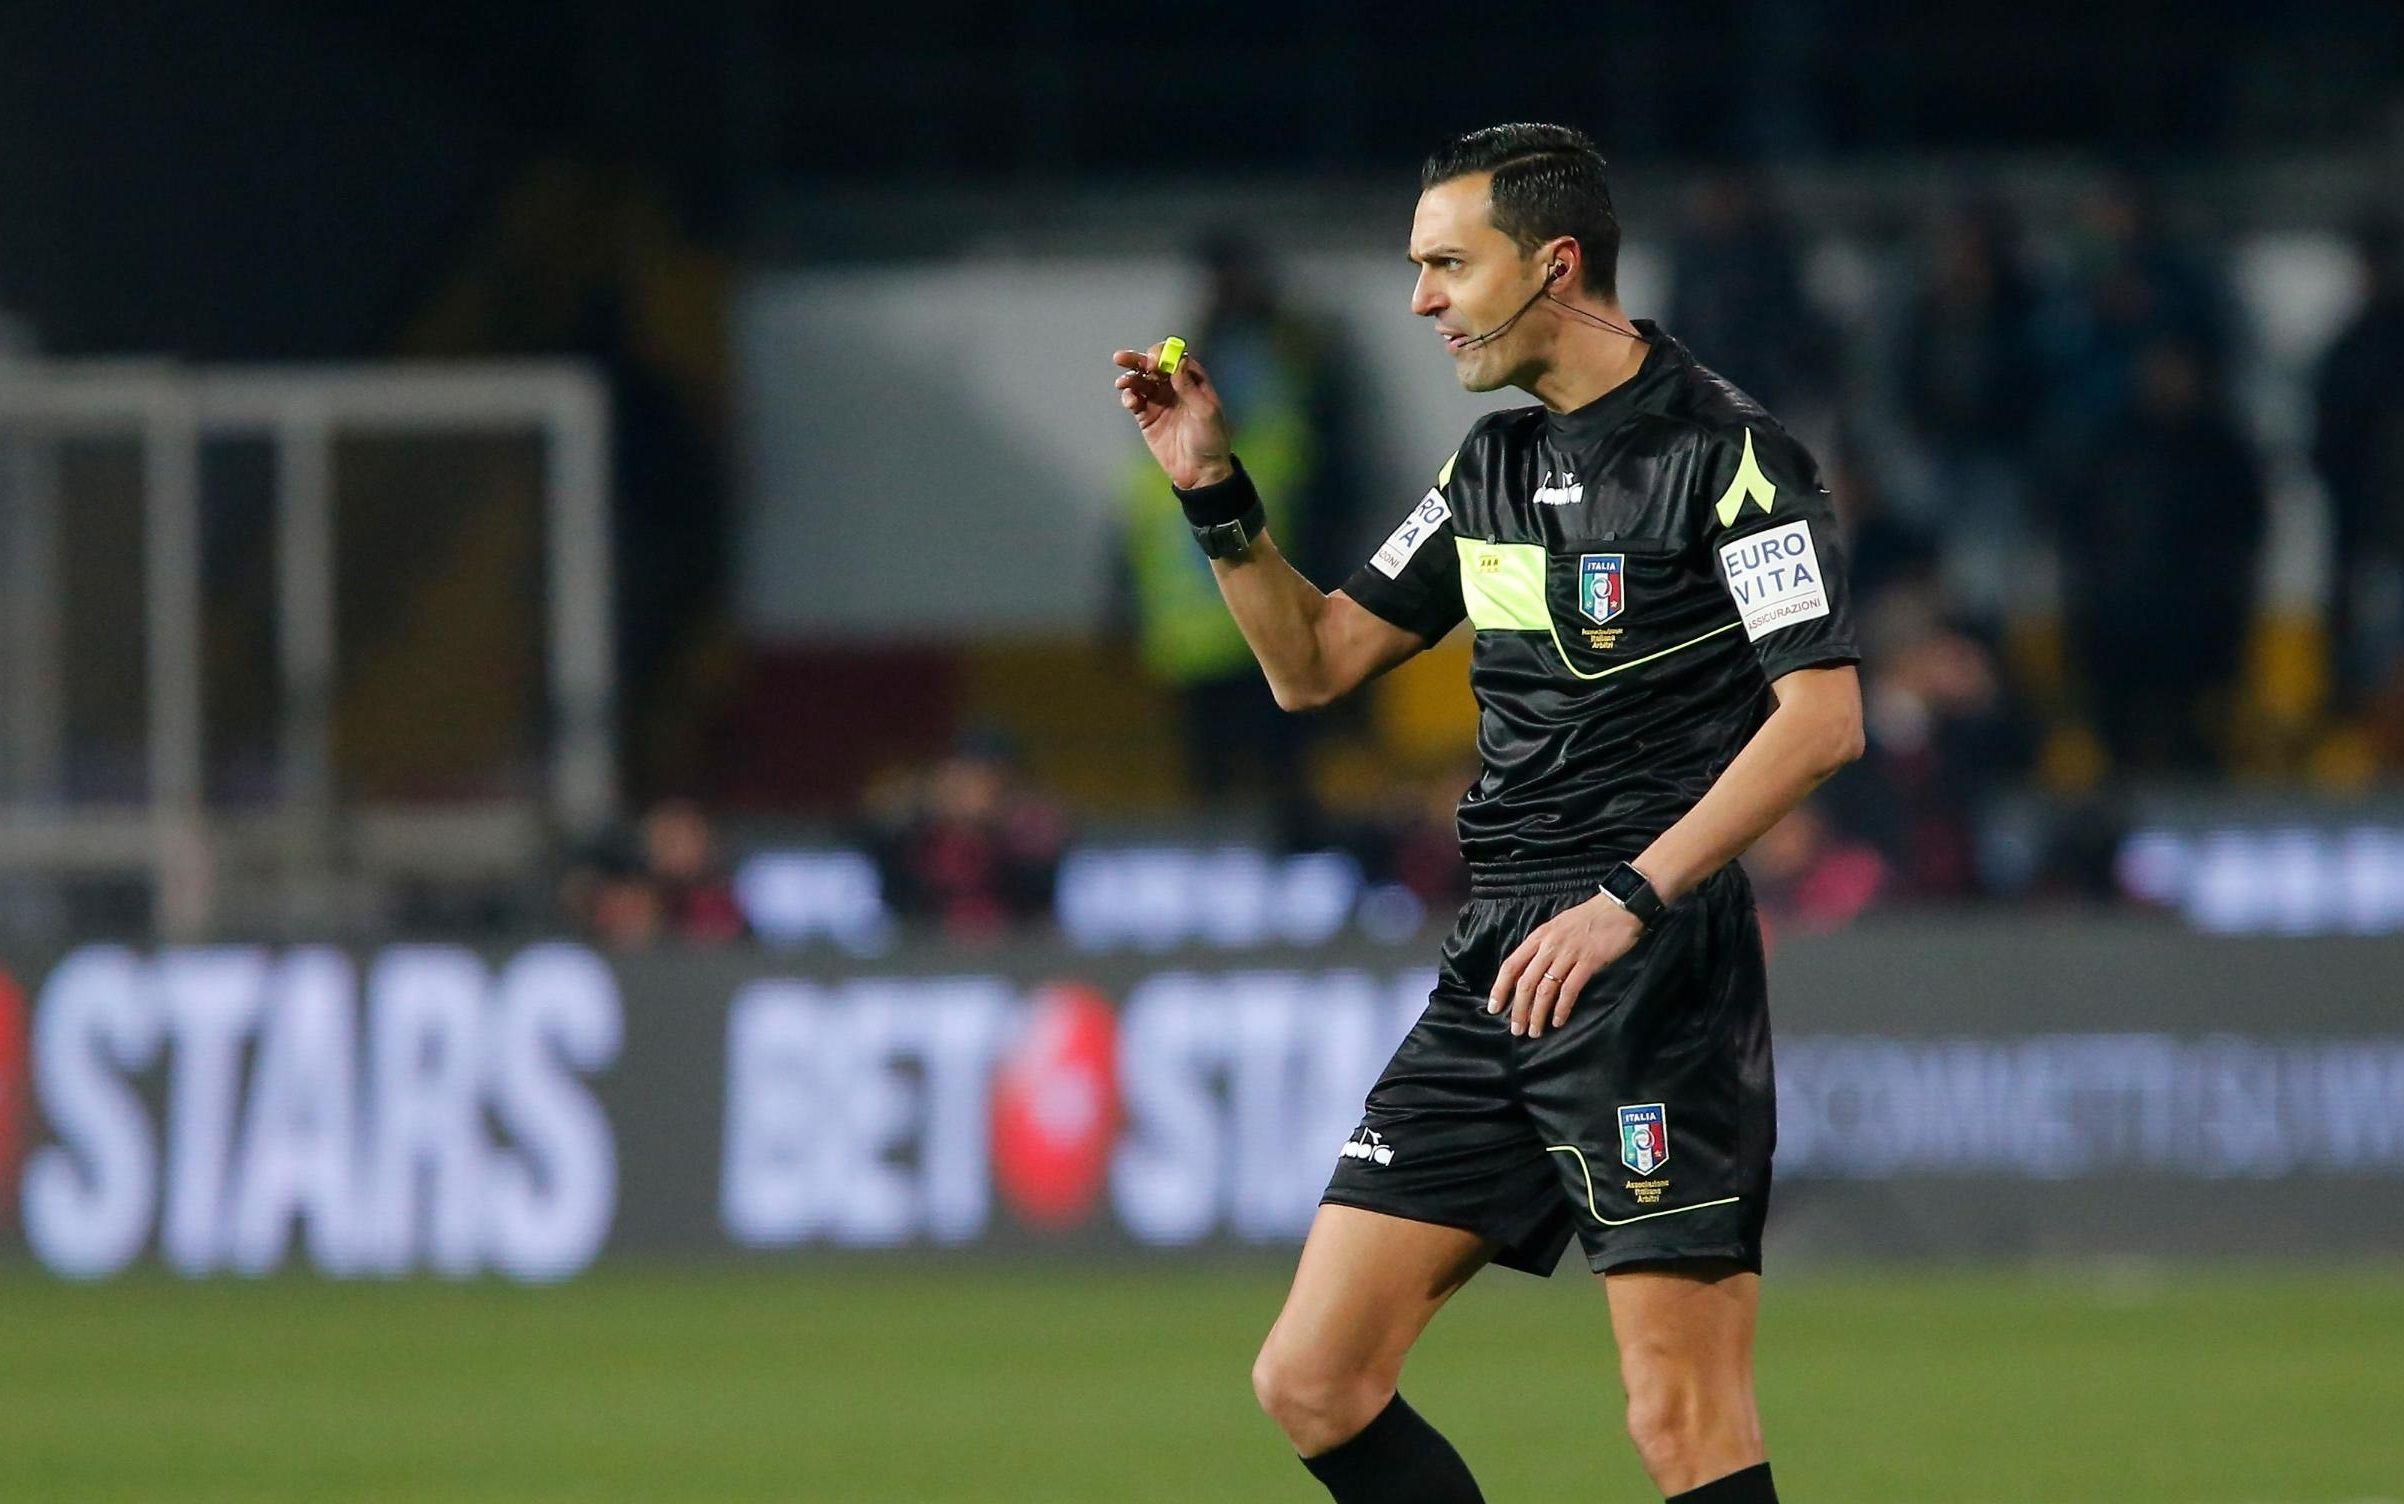 Serie A: Benevento Calcio vs SSC Napoli